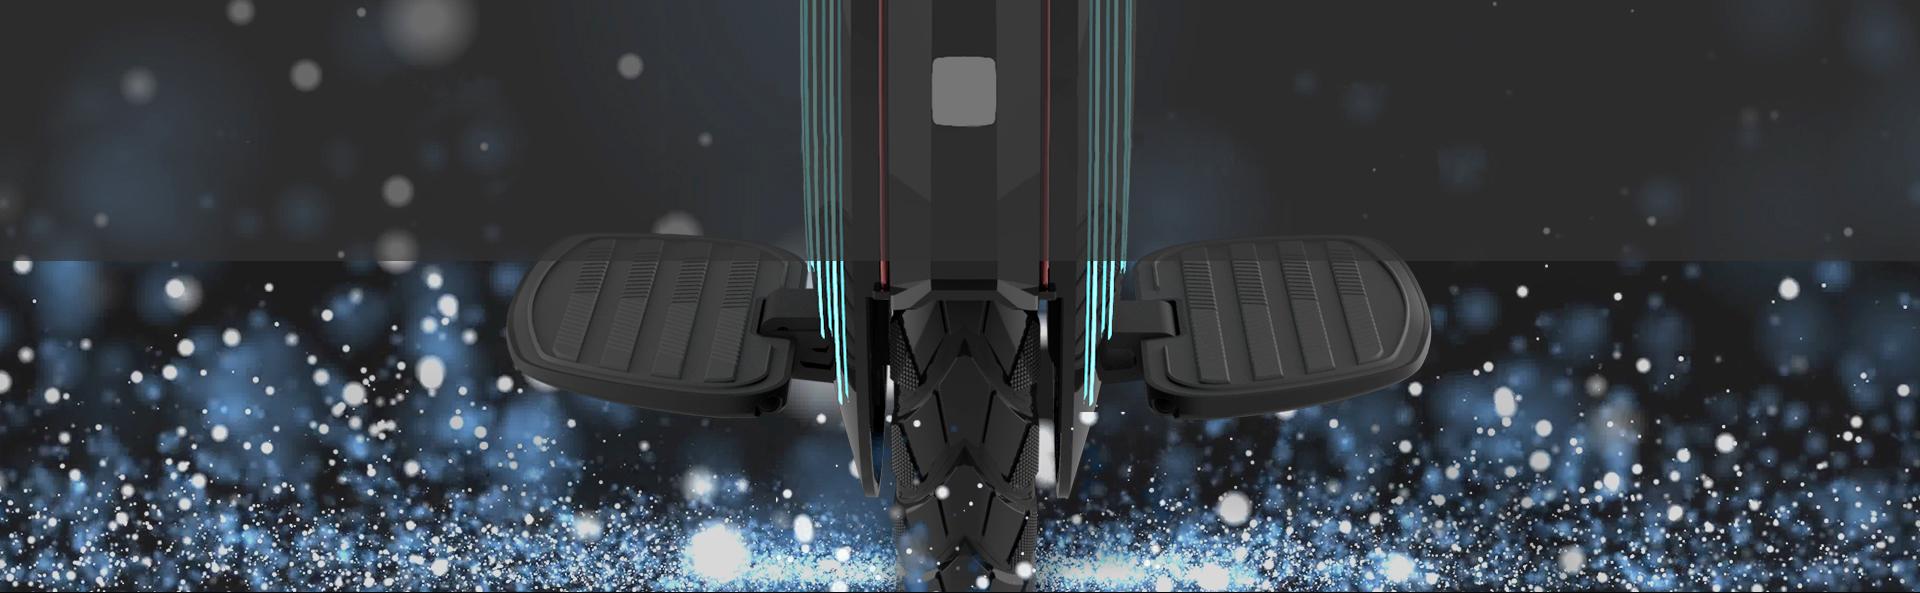 Inmotion V10/V10F